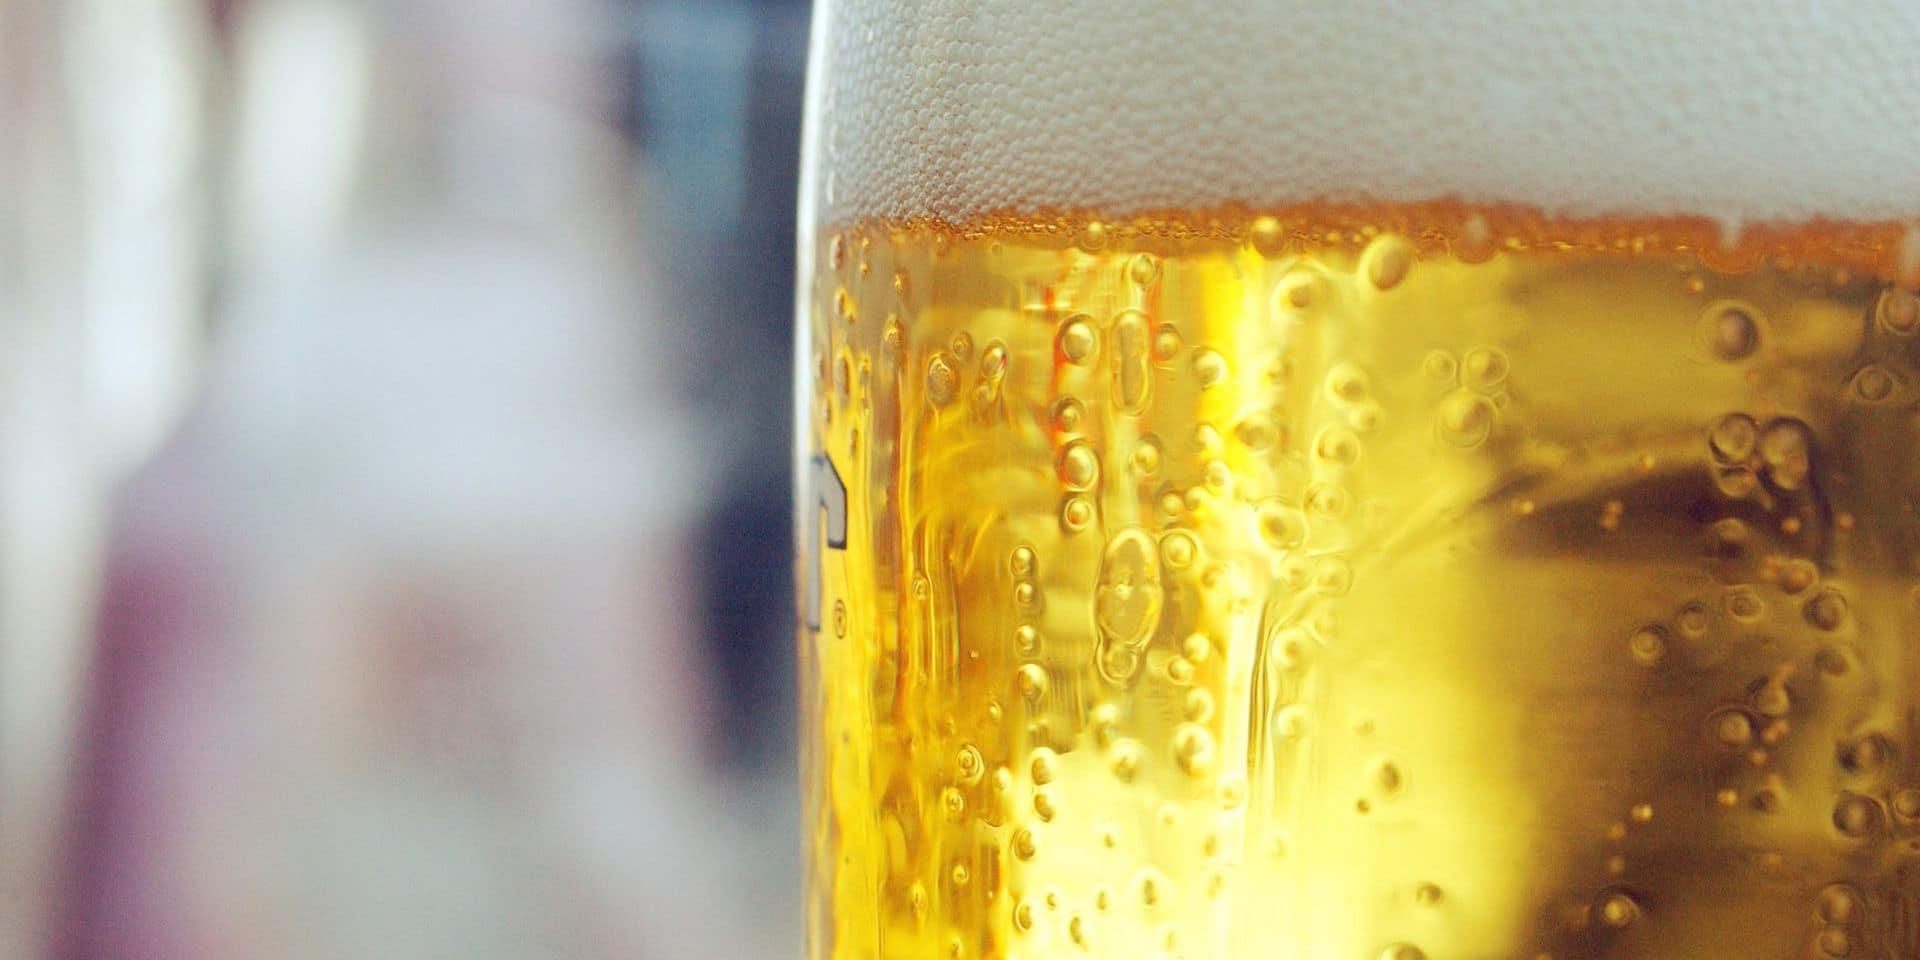 Une bière rappelée pour non mention de... l'allergène malt d'orge